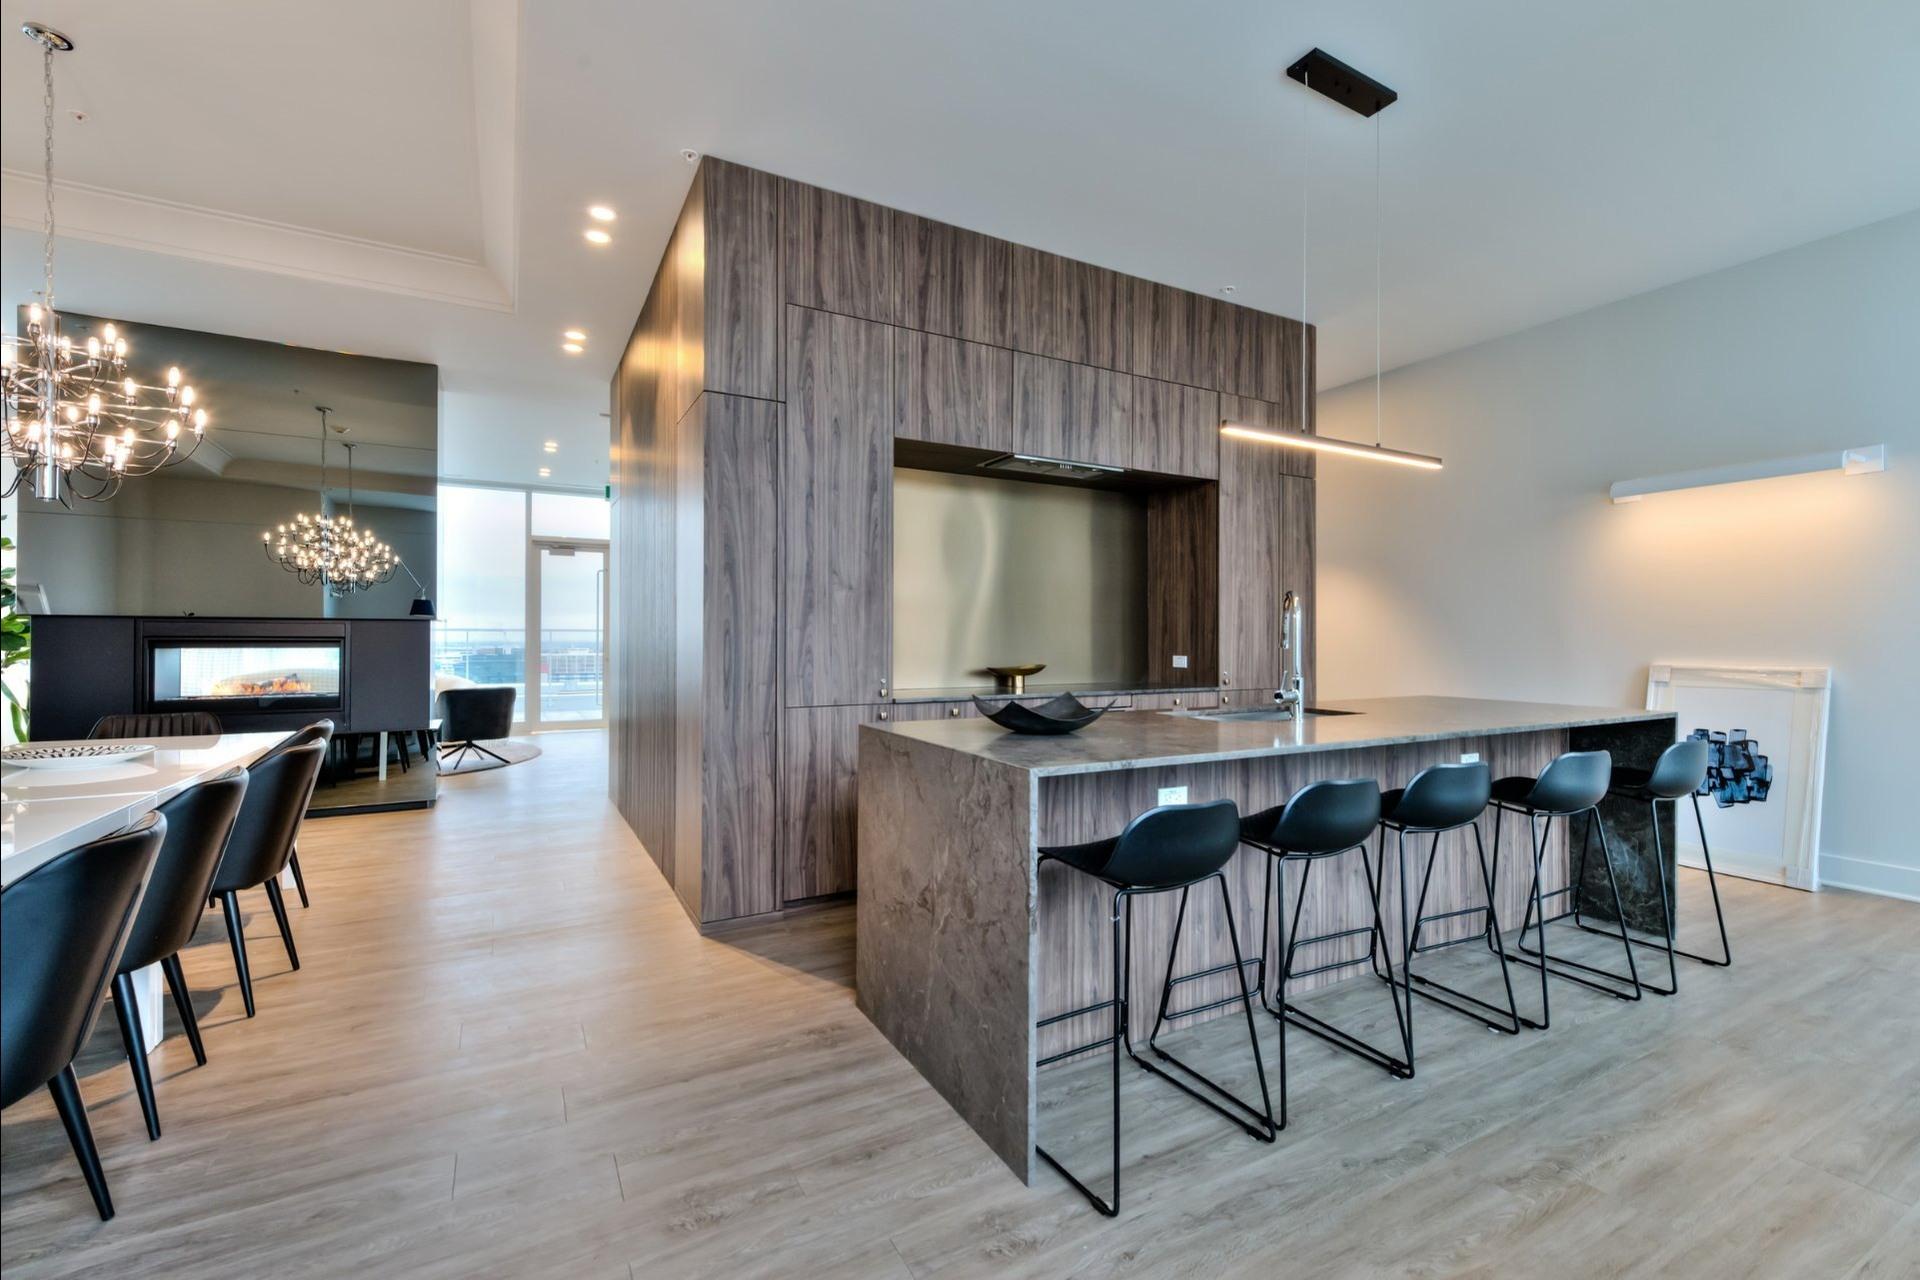 image 40 - Appartement À vendre Côte-des-Neiges/Notre-Dame-de-Grâce Montréal  - 16 pièces